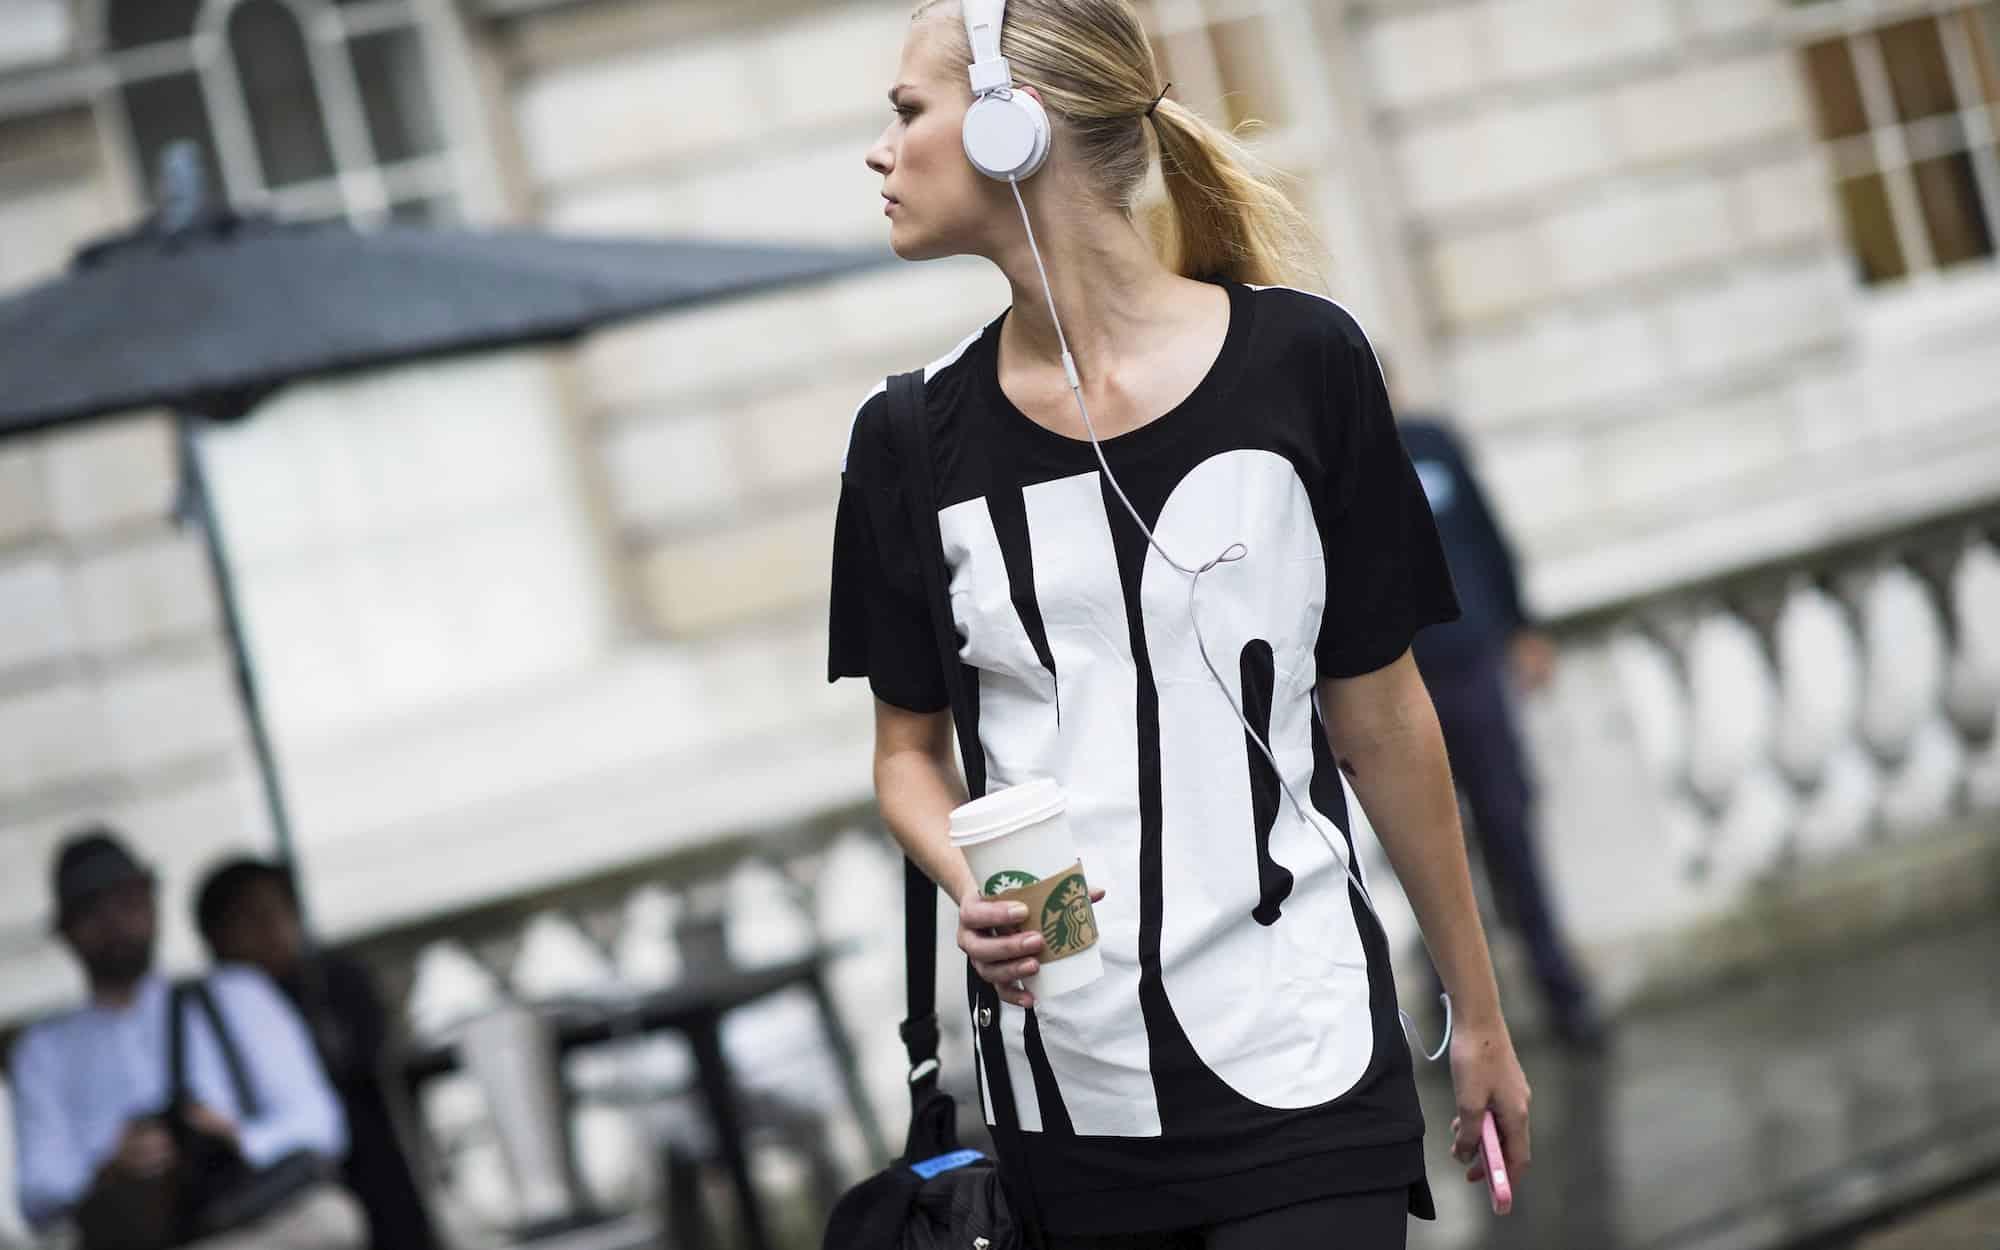 street-style-headphones-17